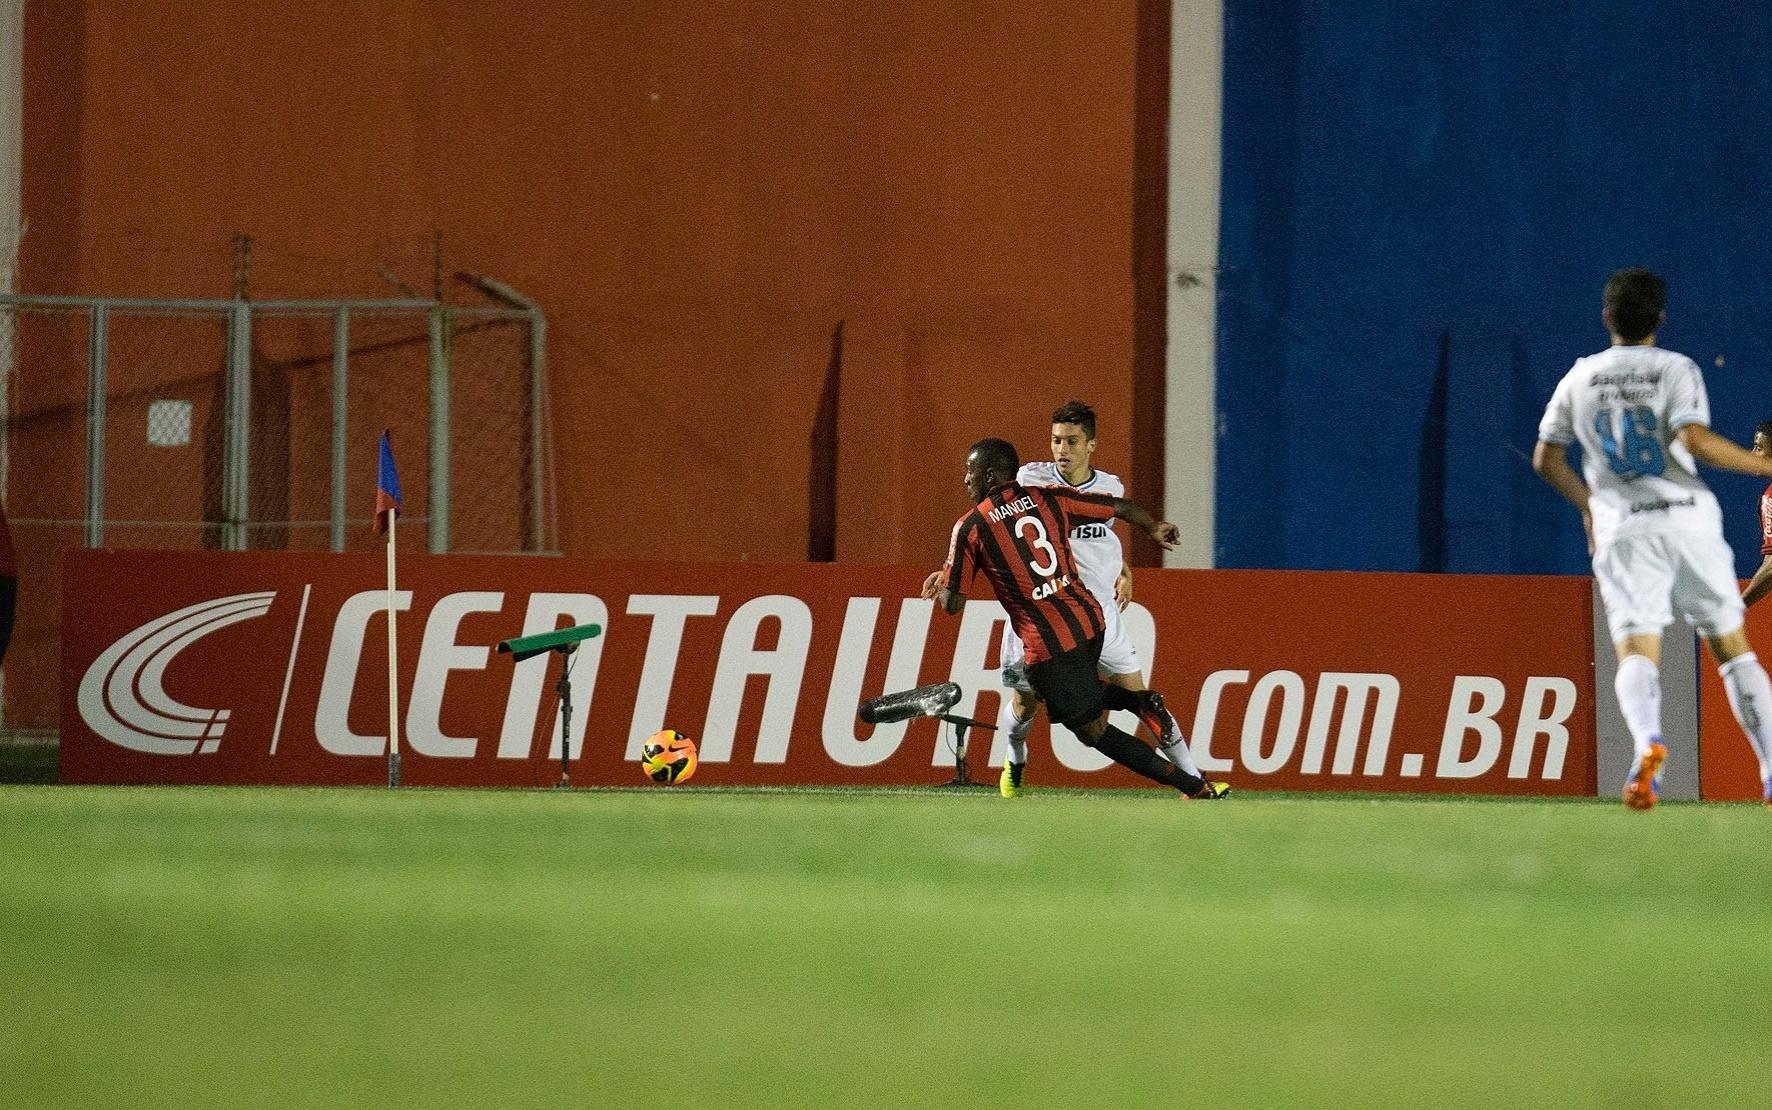 Manoel tenta fazer jogada pelo Atlético-PR na vitória por 1 a 0 sobre o Grêmio pela Copa do Brasil (30.10.13)